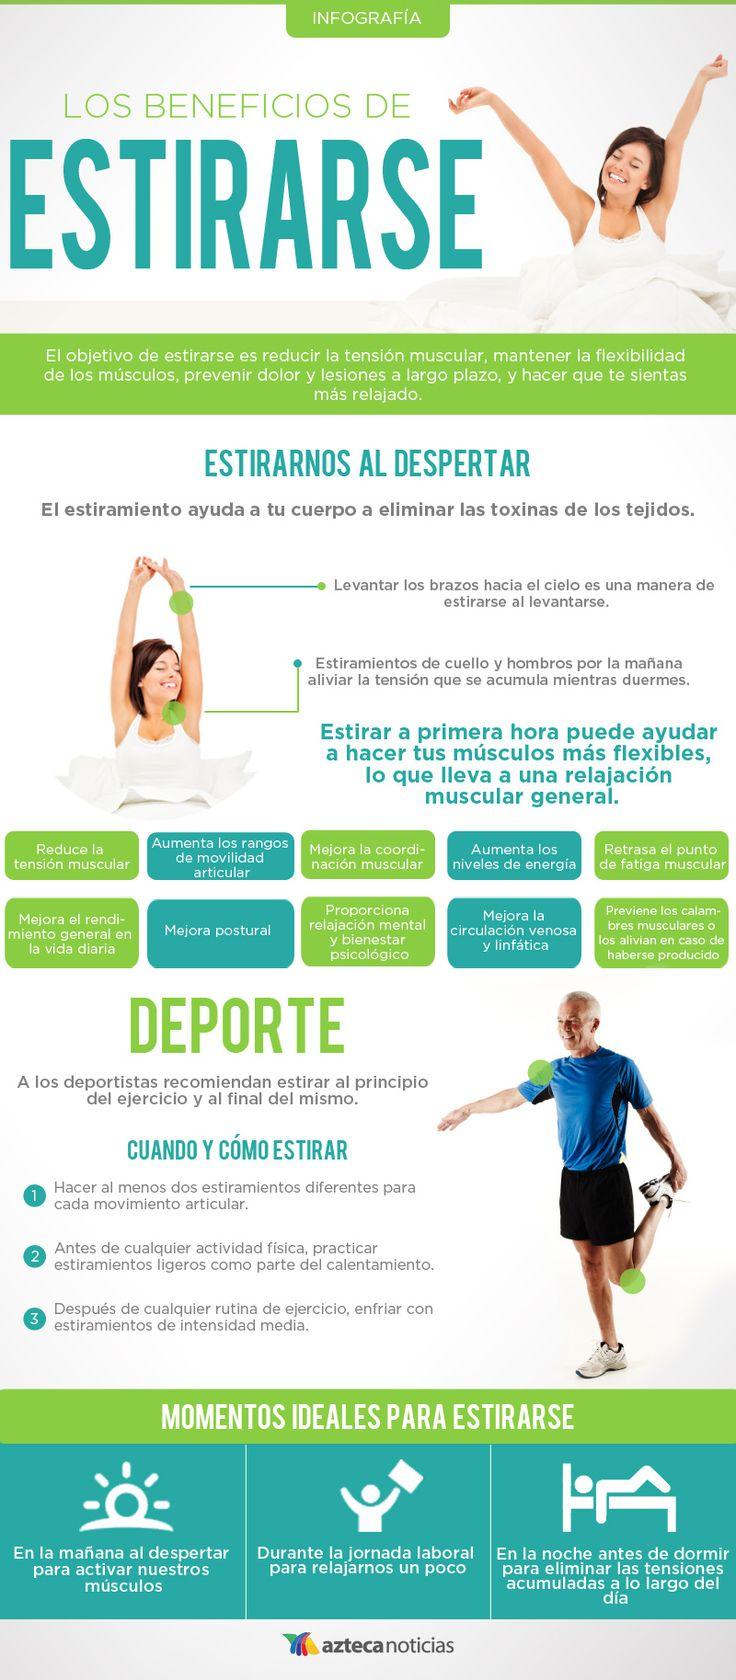 Los beneficios de estirarse #infografia